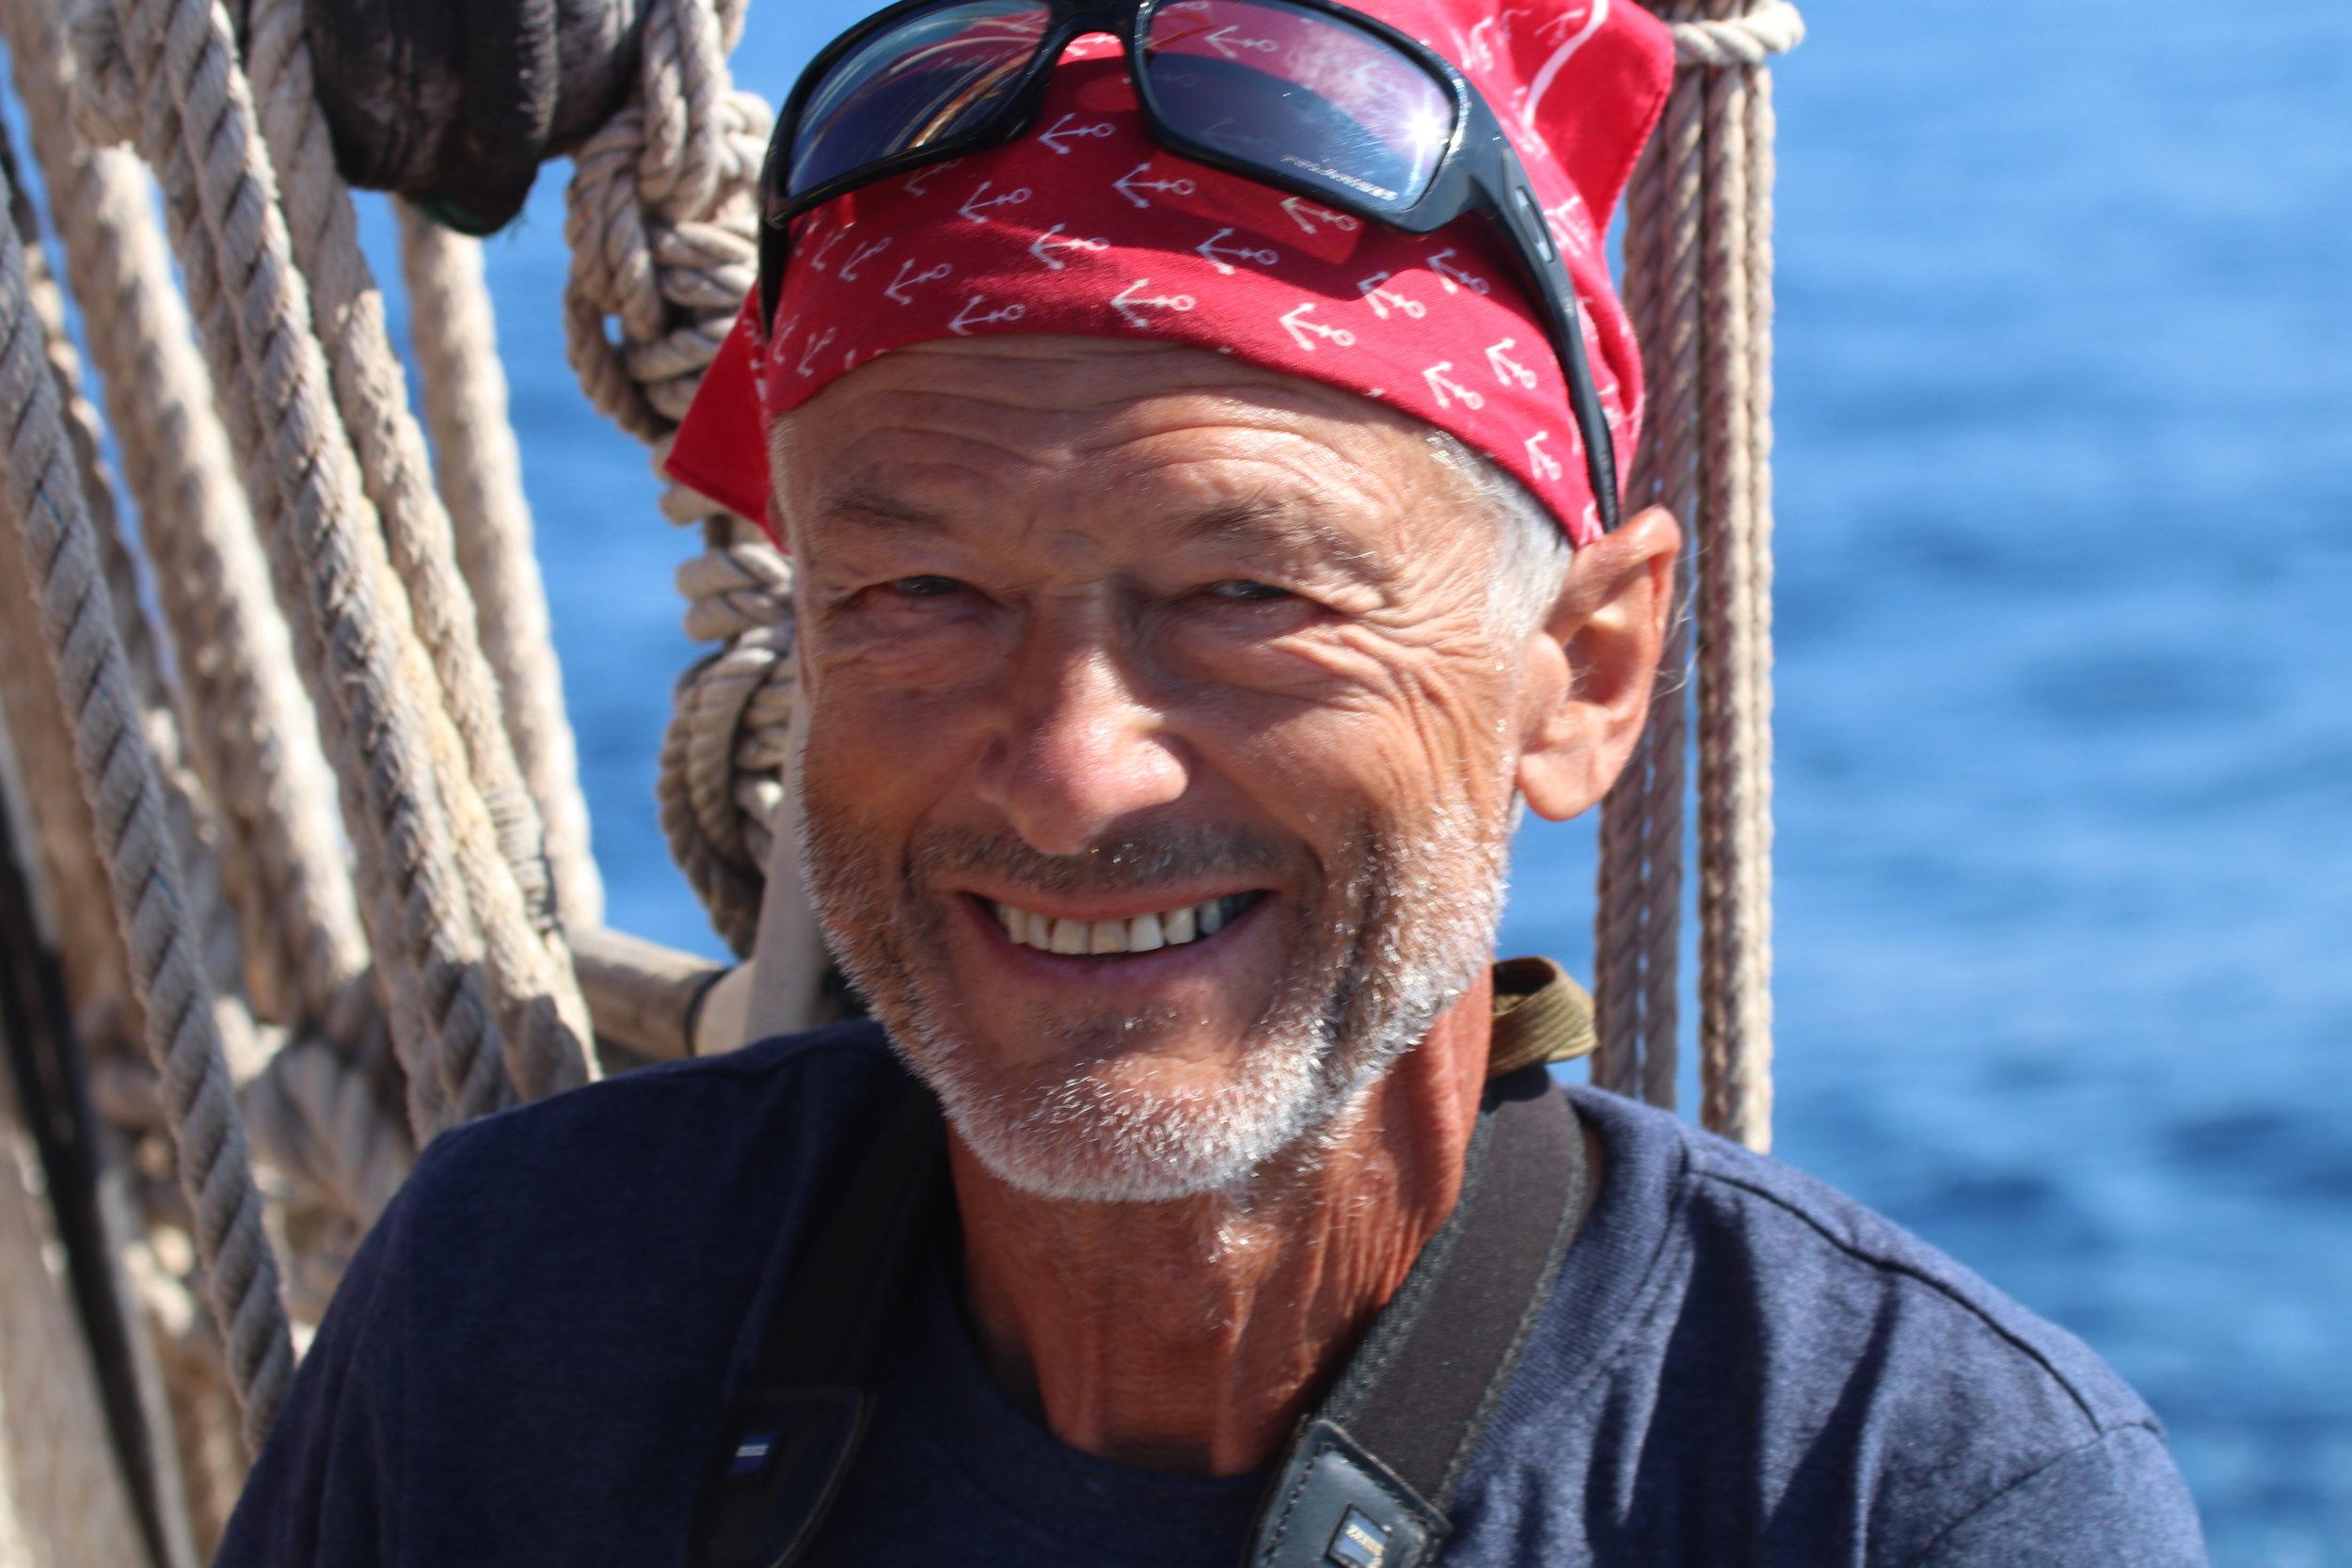 Beat von Niederhaeusern - Contramaestre del ToftevaagBeat tiene un variado conjunto de habilidades y competencias, encargándose de diferentes tareas de mantenimiento a bordo del Toftevaag. Comenzó su carrera como agricultor e ingeniero agrónomo en Suiza y luego trabajó en ingeniería informática. Como miembro de OceanCare, tiene un gran interés en el océano y la vida en el océano, así como en cualquier actividad relacionada con la conservación y el océano.